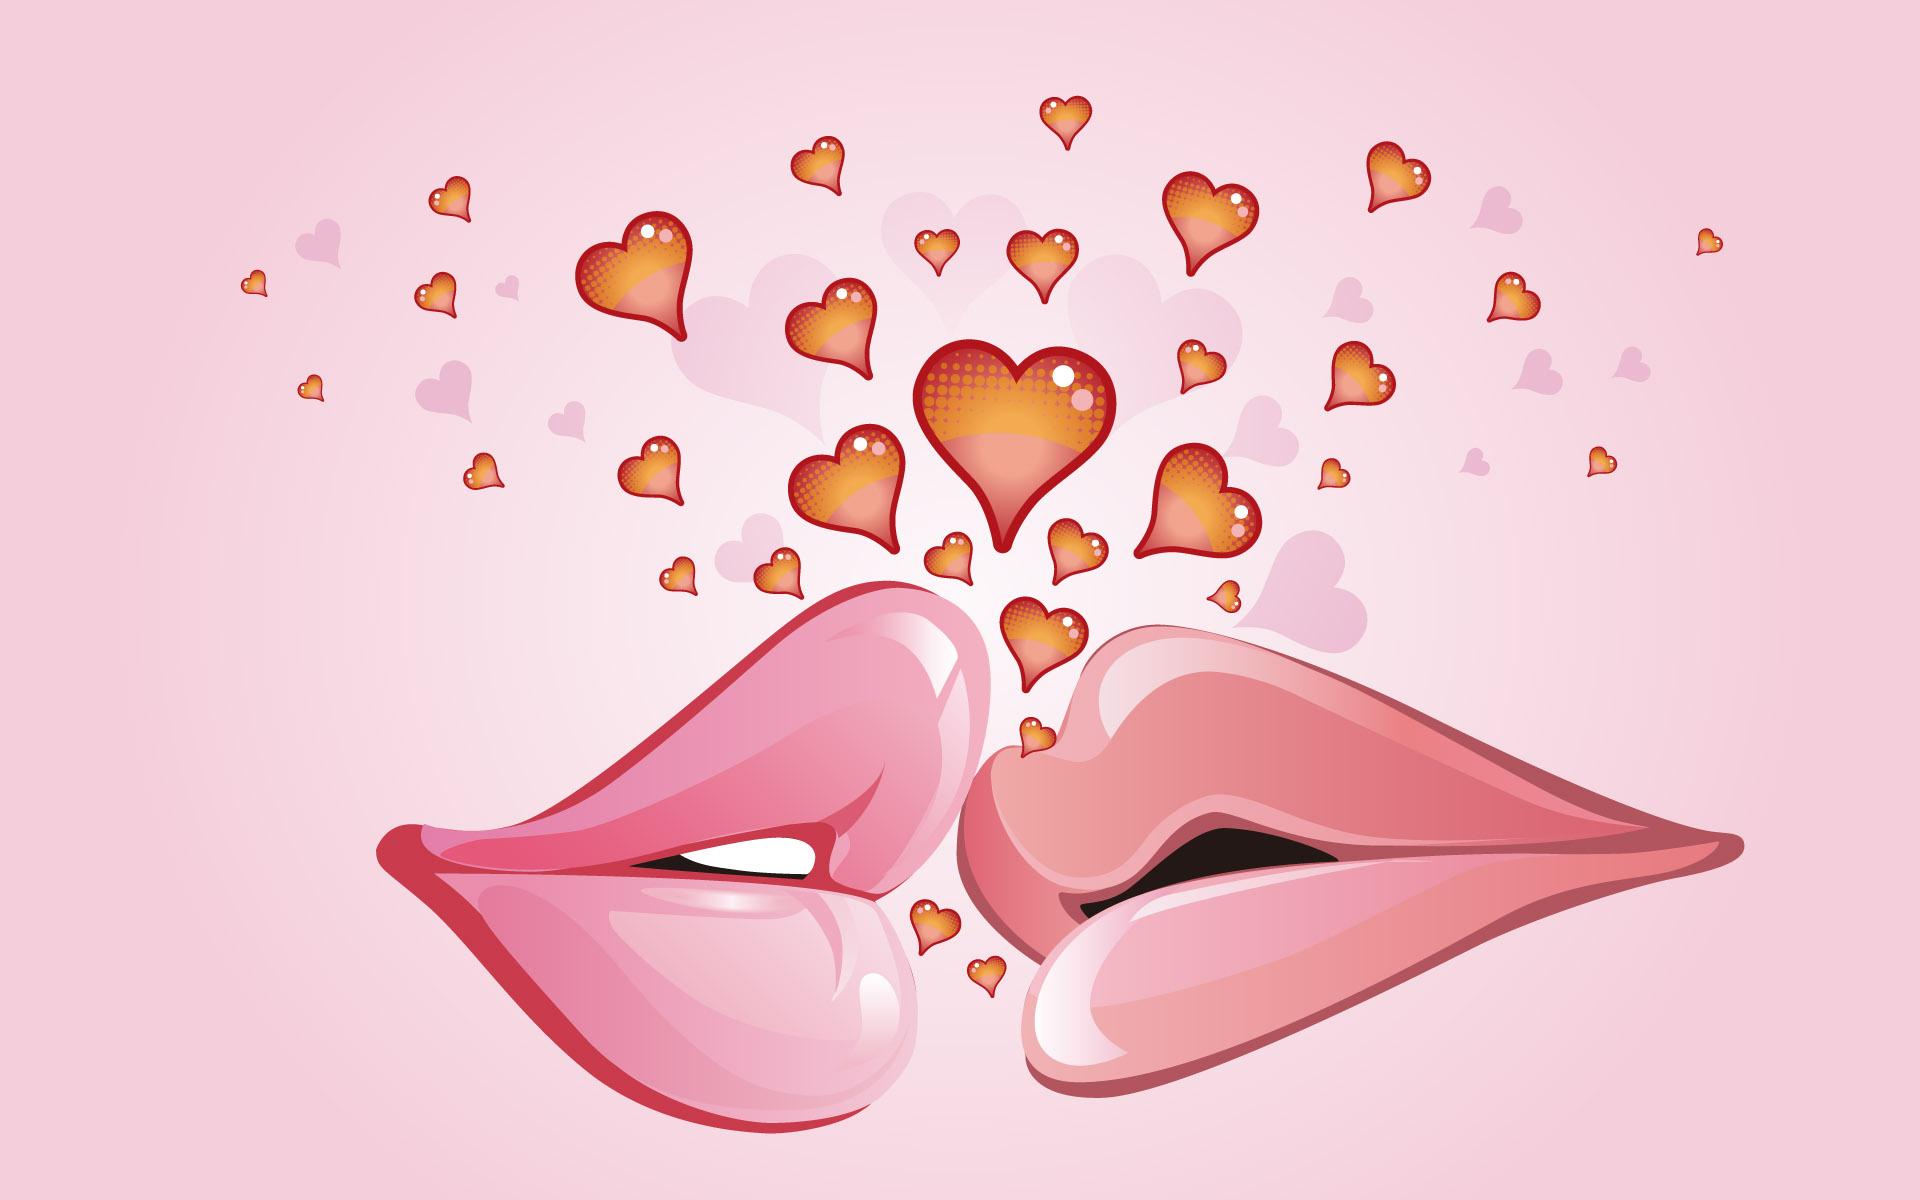 Любовная открытка девушке рисунок